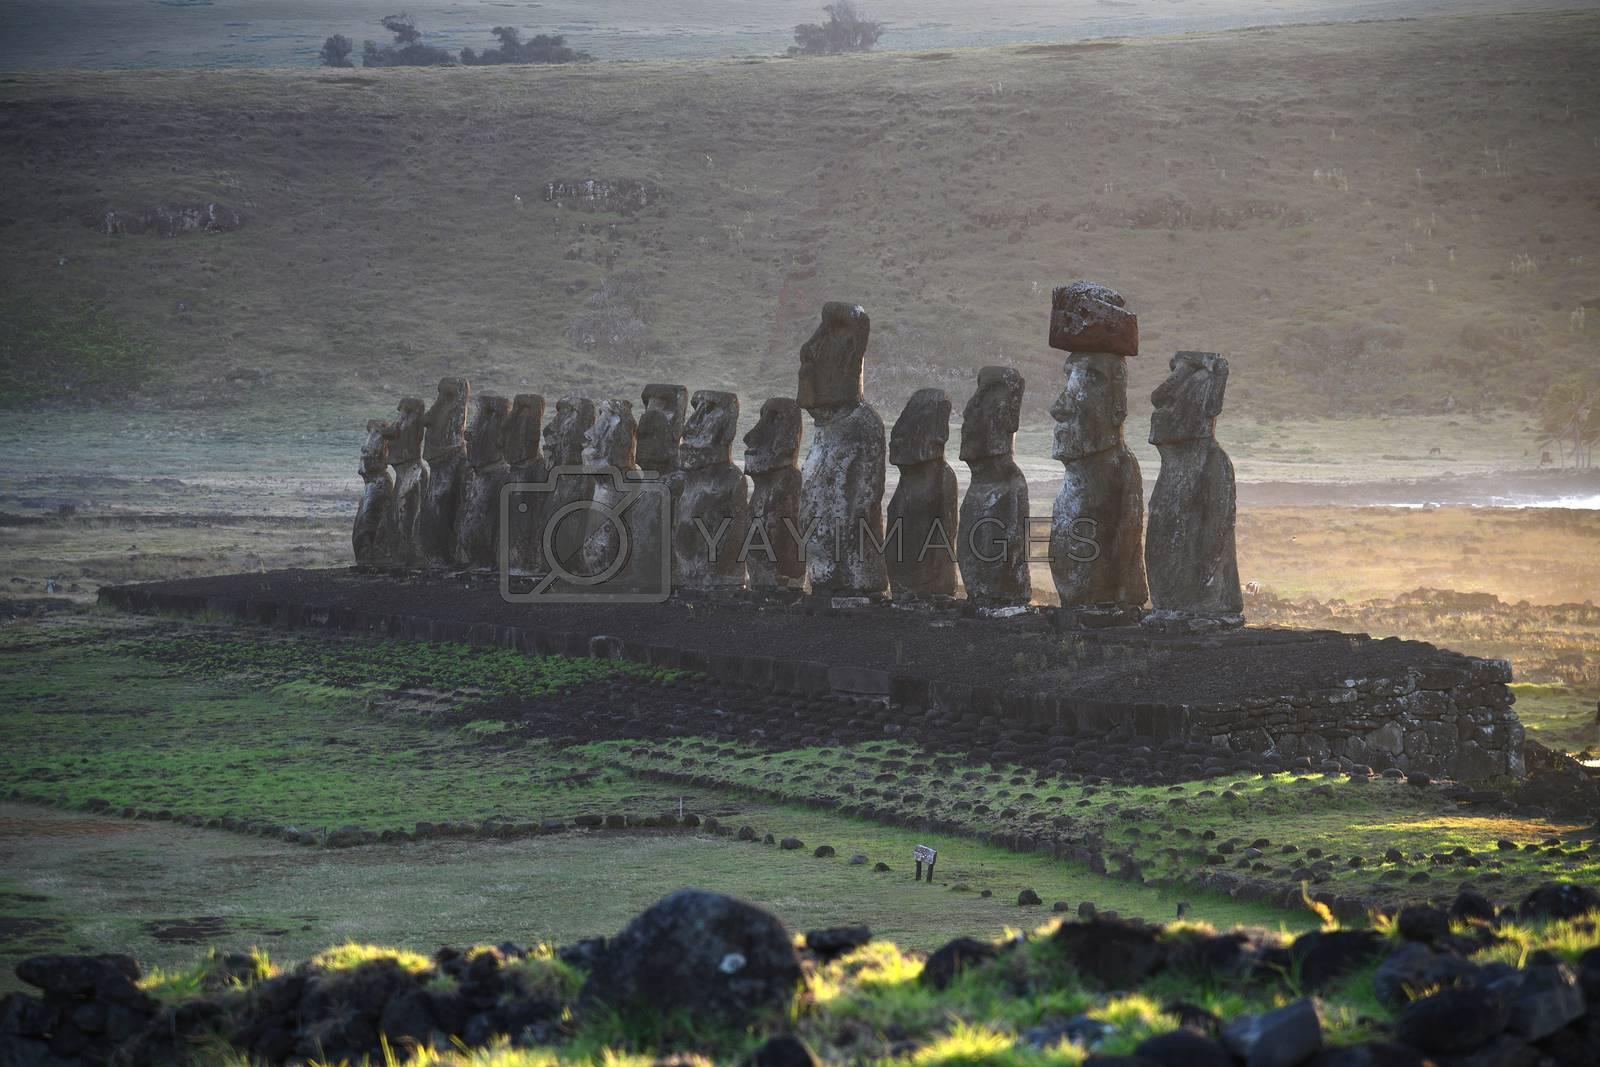 Royalty free image of Ahu Tongariki Moai at Easter Island by porbital